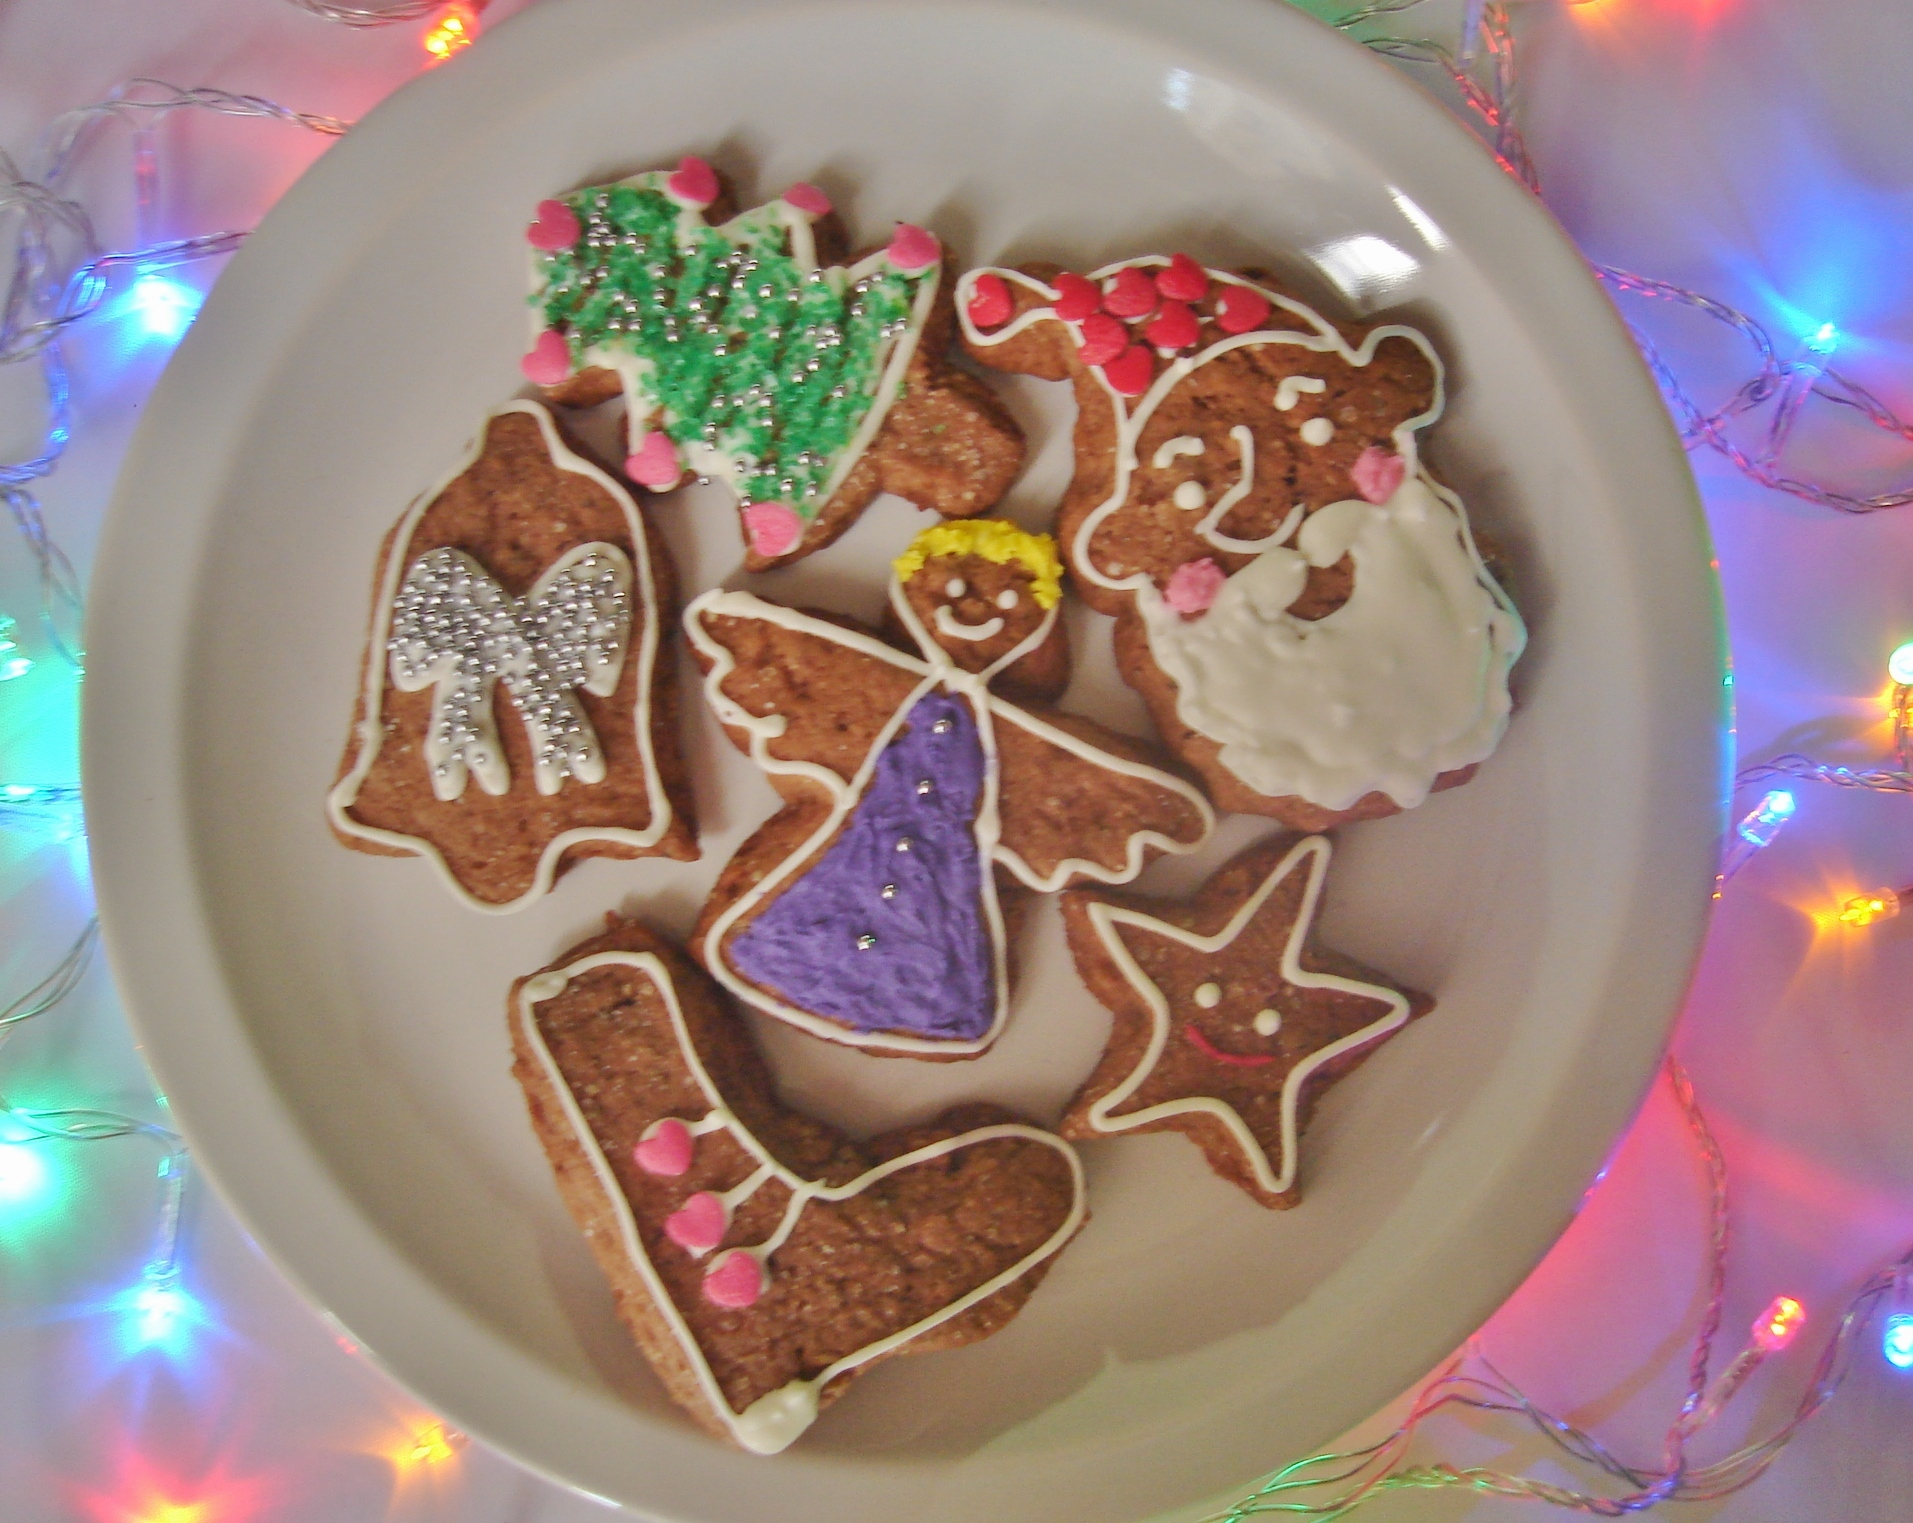 como decorar biscoitos com glace para natal